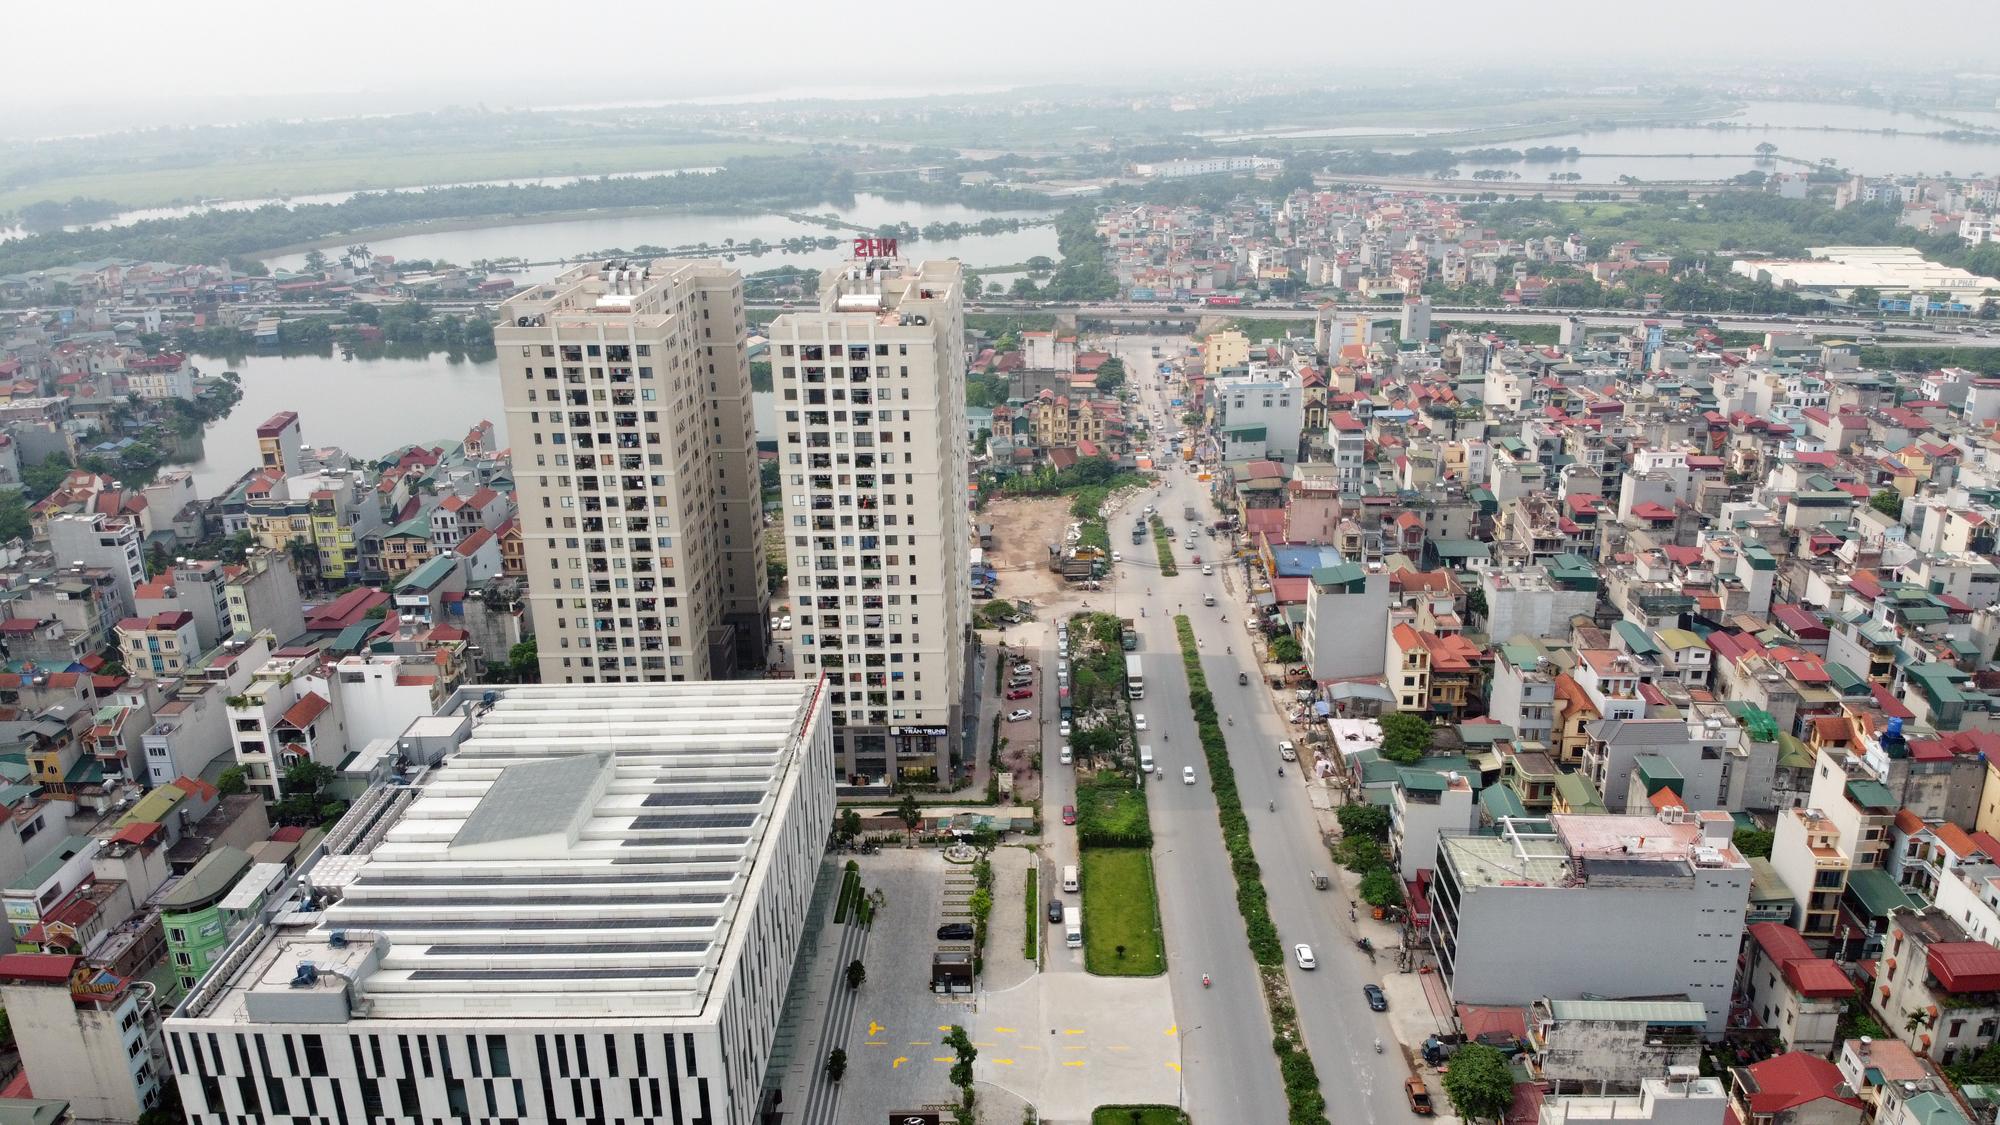 Dự án mở rộng đường Tam Trinh hơn 2.000 tỉ đồng sau 4 năm mới làm được vài trăm mét - Ảnh 5.